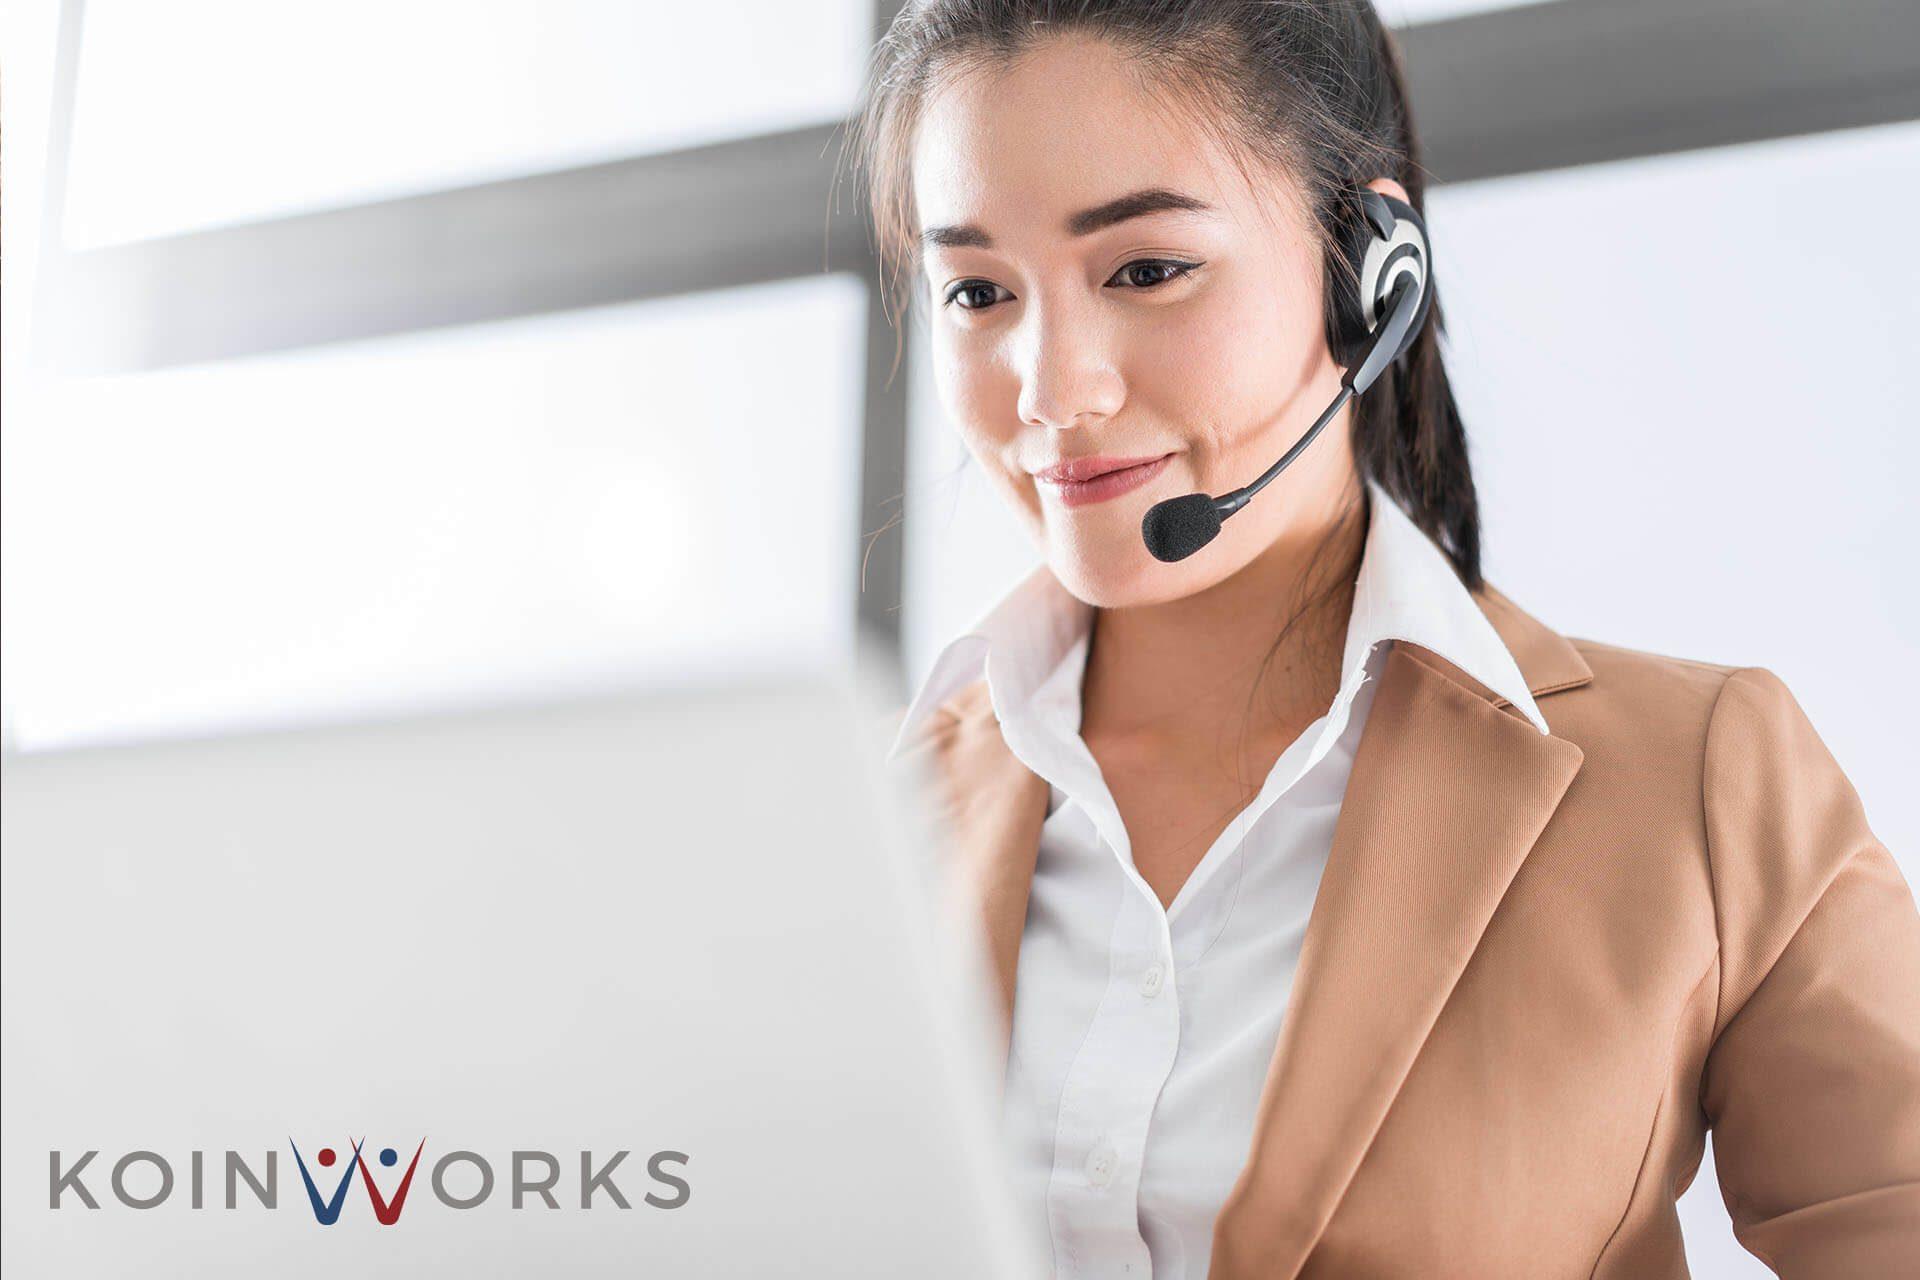 4 Teknik yang Perlu Dikuasai Salesperson Saat Menjadwalkan Ulang Panggilan Telepon dengan Pelanggan